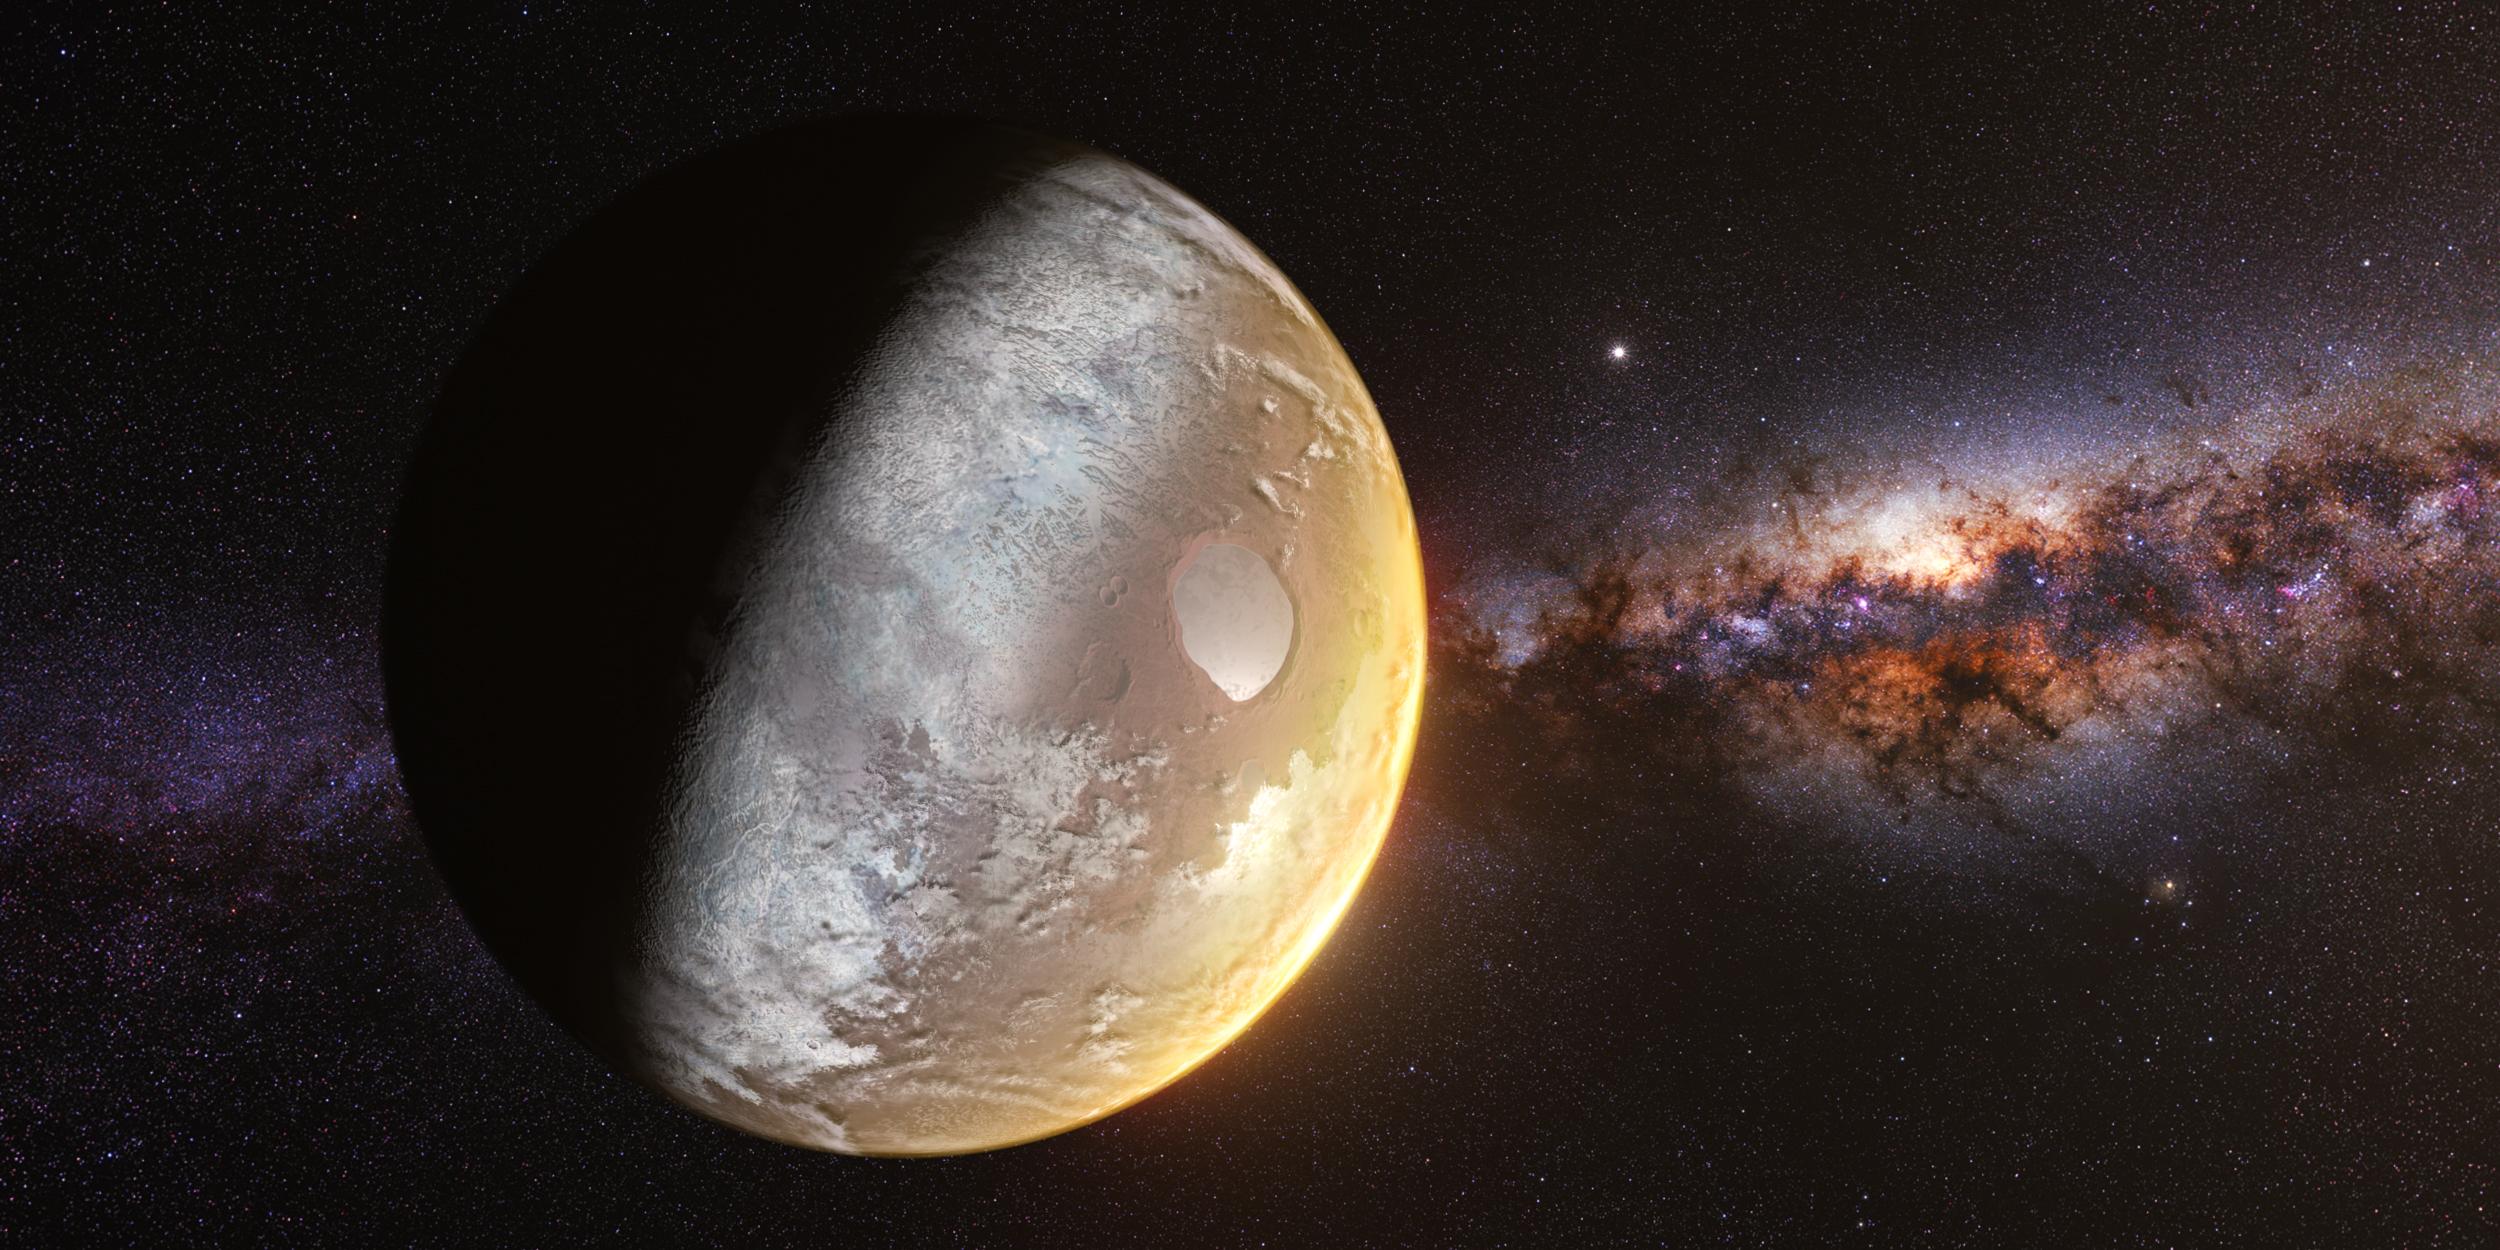 Voyage_2050_Exoplanet_MilkyWay.jpg